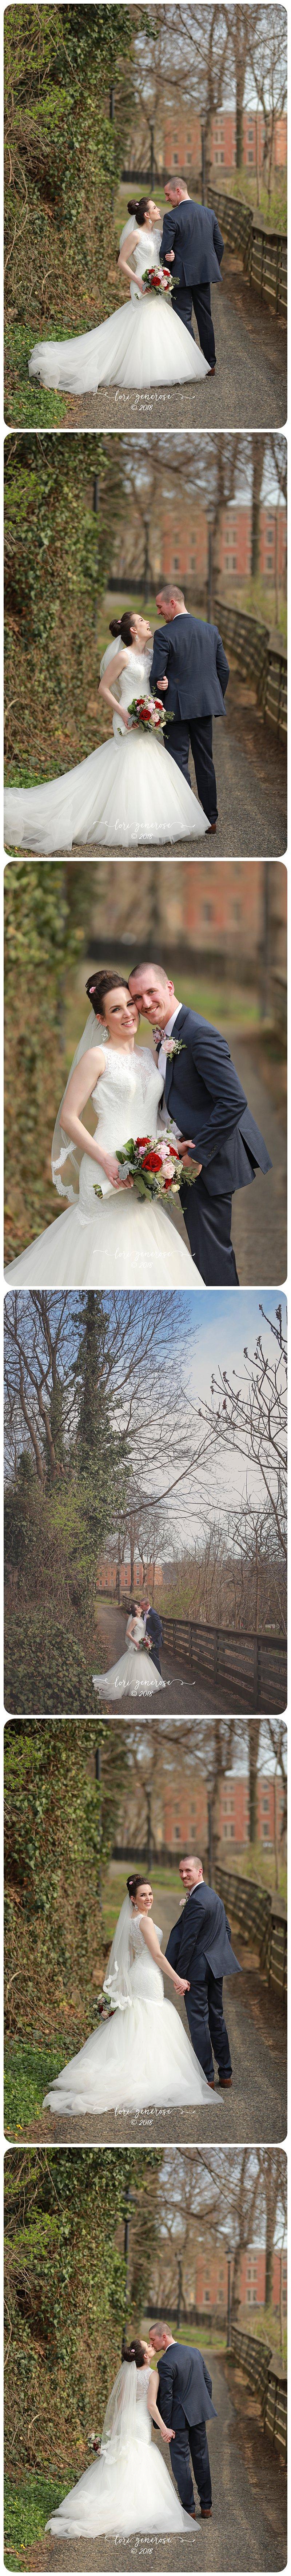 weddingbrideandgroomcolonialdistricthistorichotelbethlehempaweddingvenue.JPG